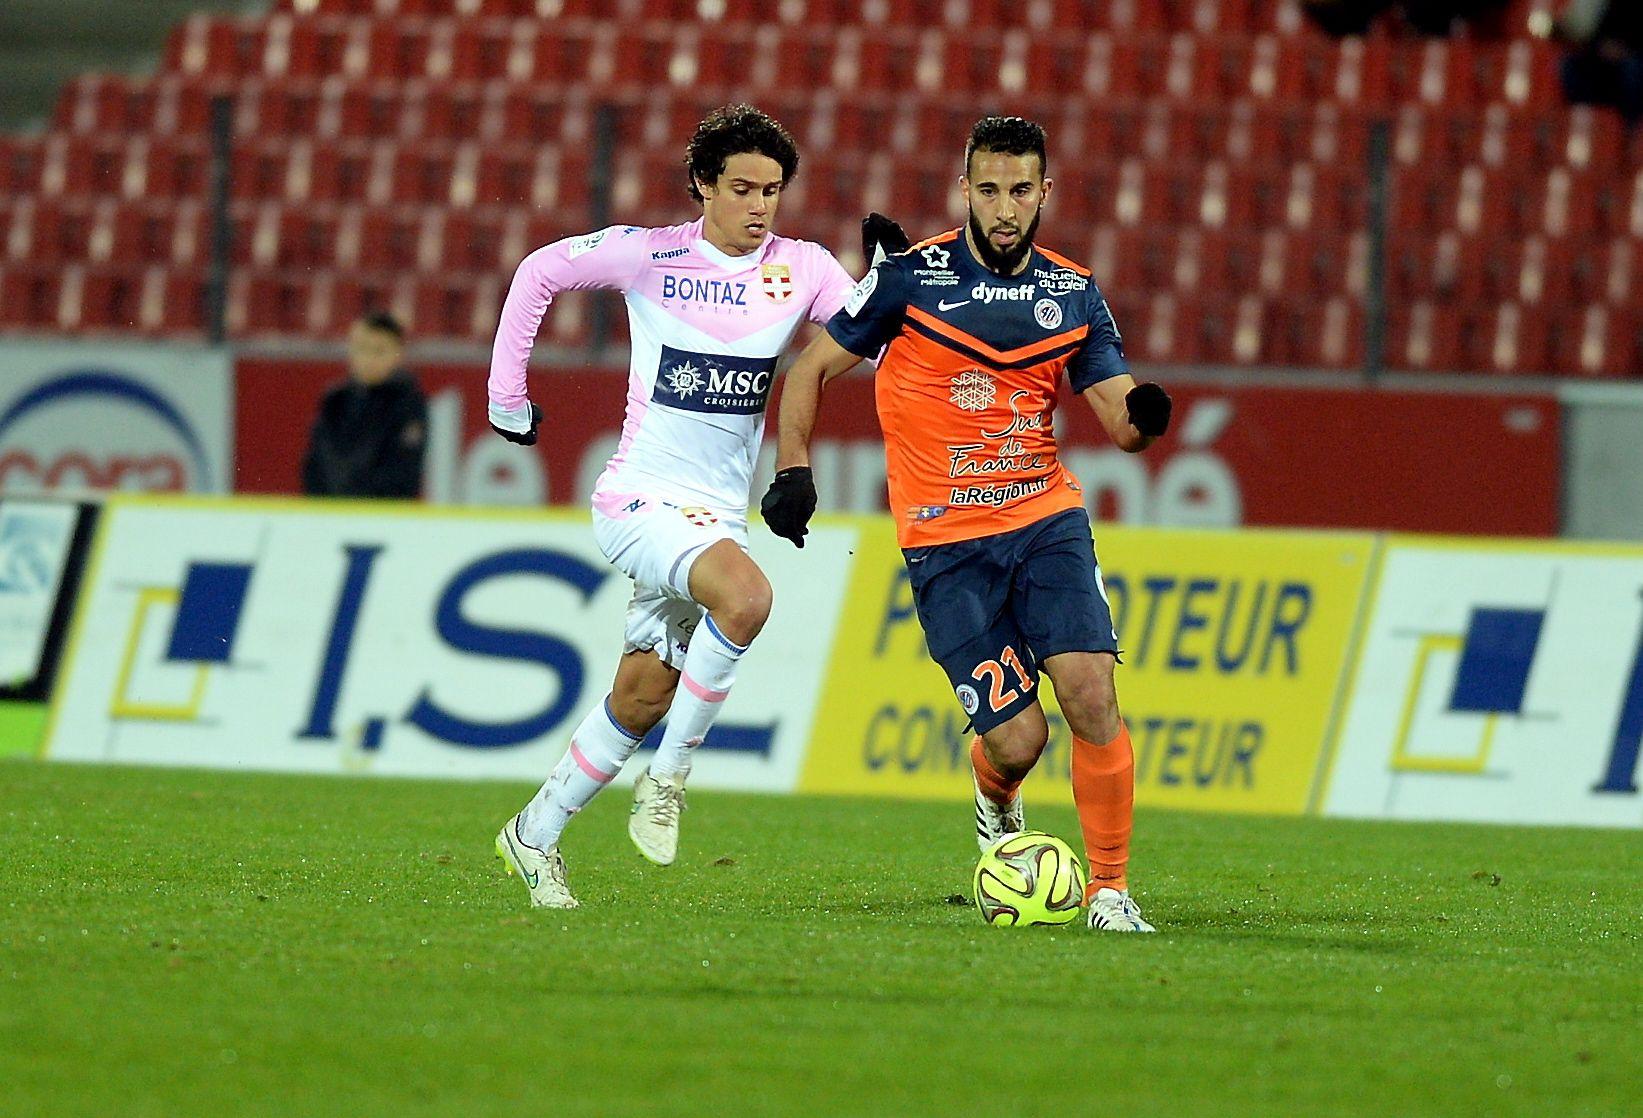 Evian TG MHSC Les photos du match MHSC Foot